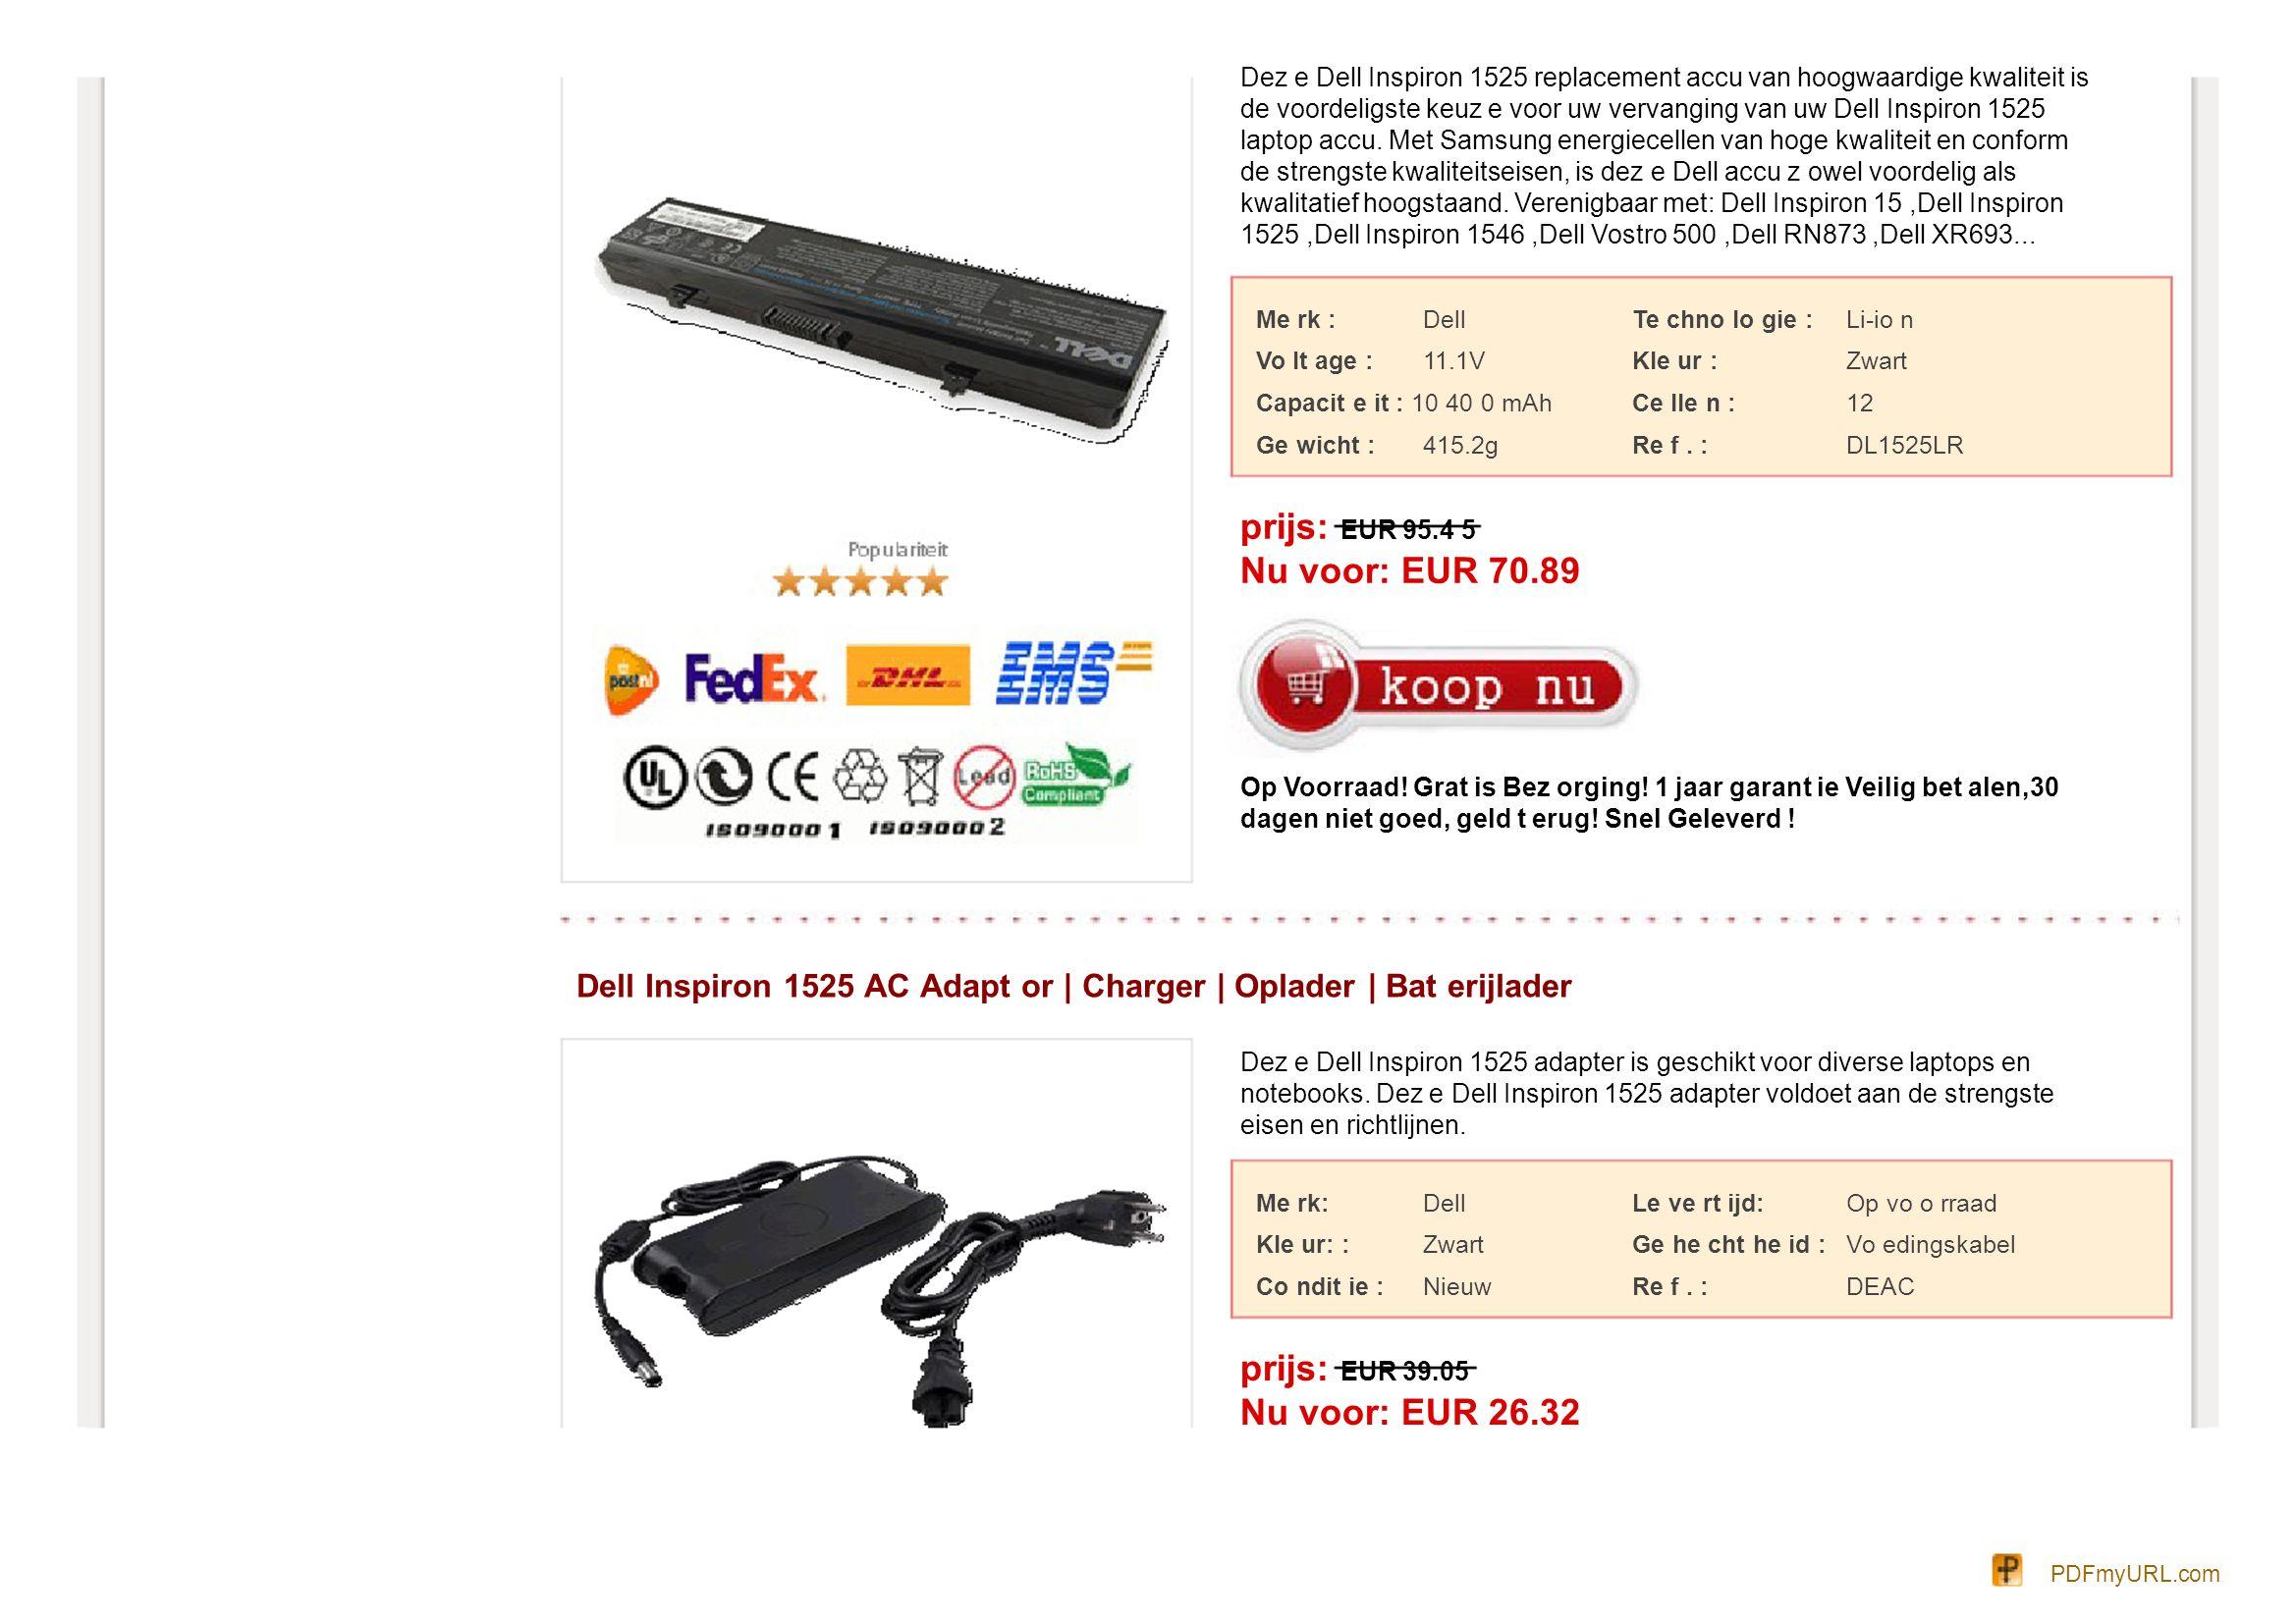 Dez e Dell Inspiron 1525 replacement accu van hoogwaardige kwaliteit is de voordeligste keuz e voor uw vervanging van uw Dell Inspiron 1525 laptop accu.